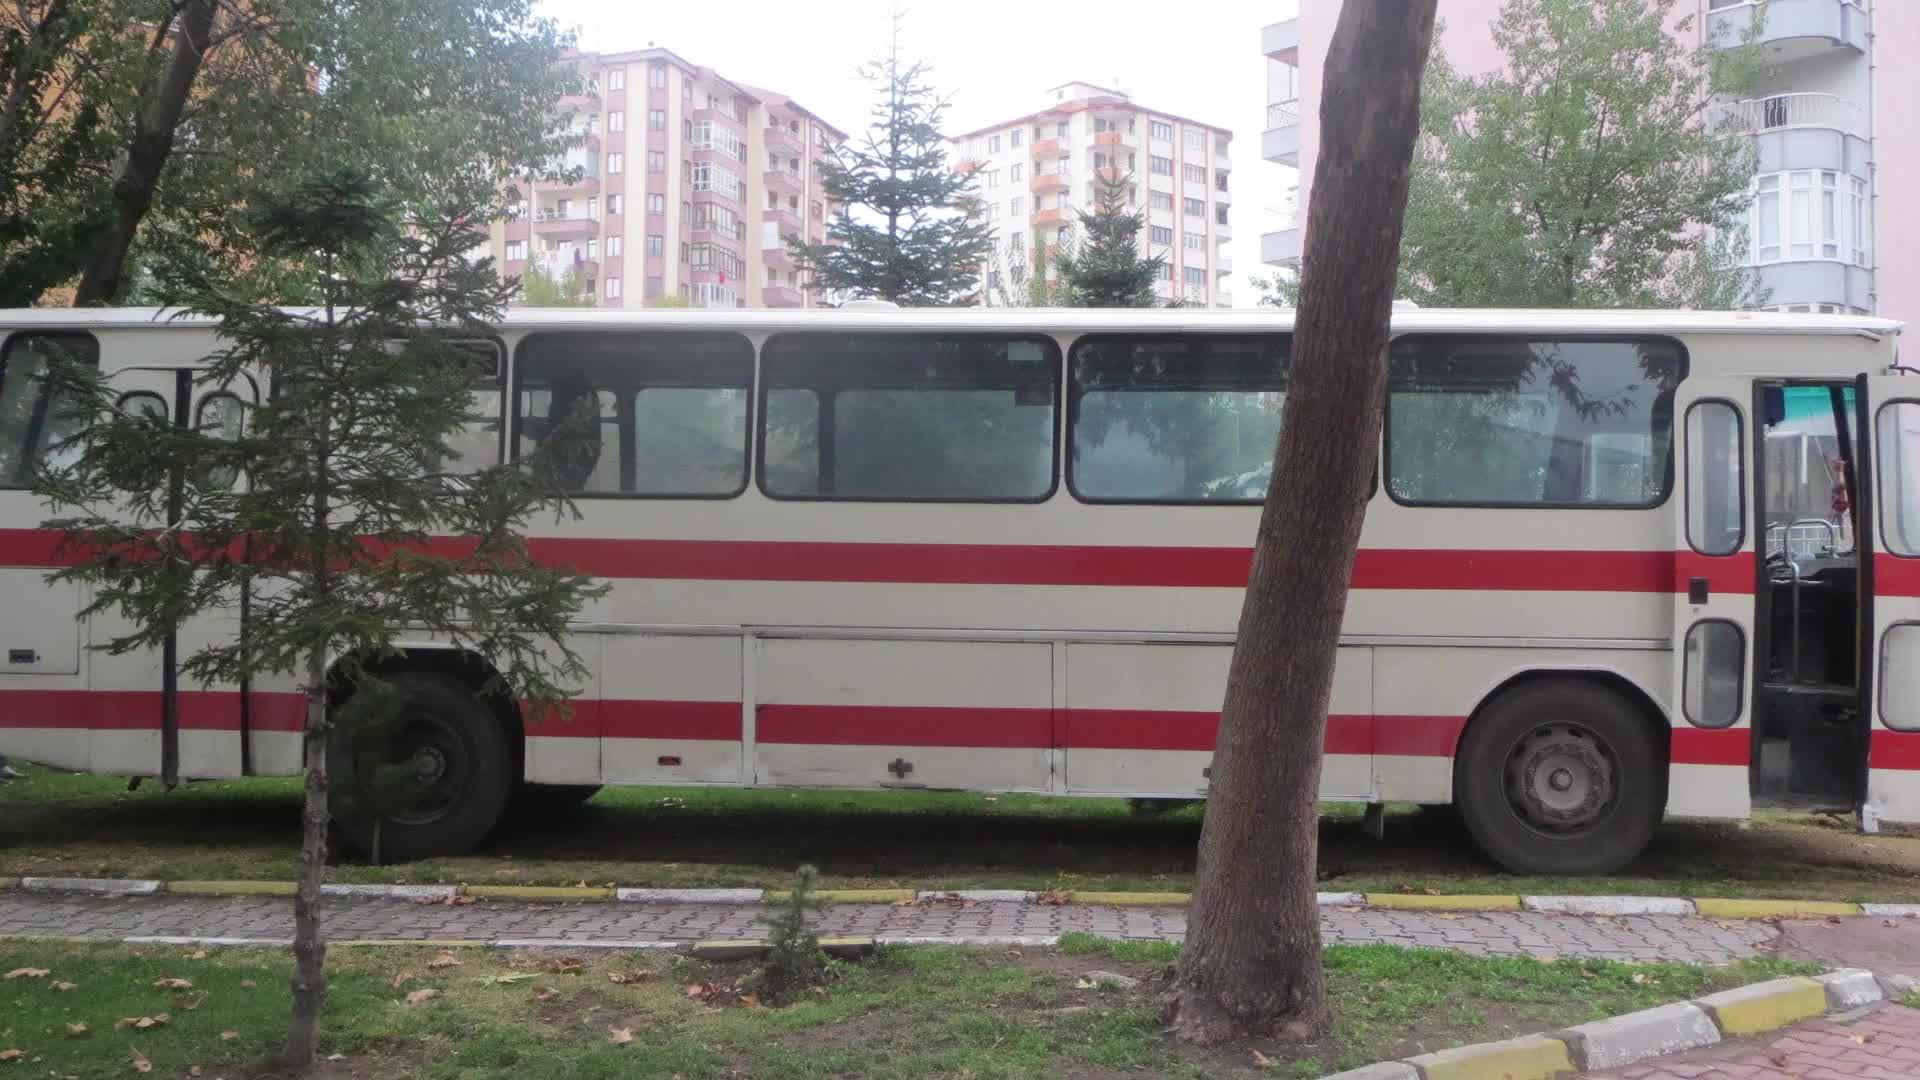 Stembüs Okul öncesi Stem Eğitim Otobüsü Kayseri Il Millî Eğitim